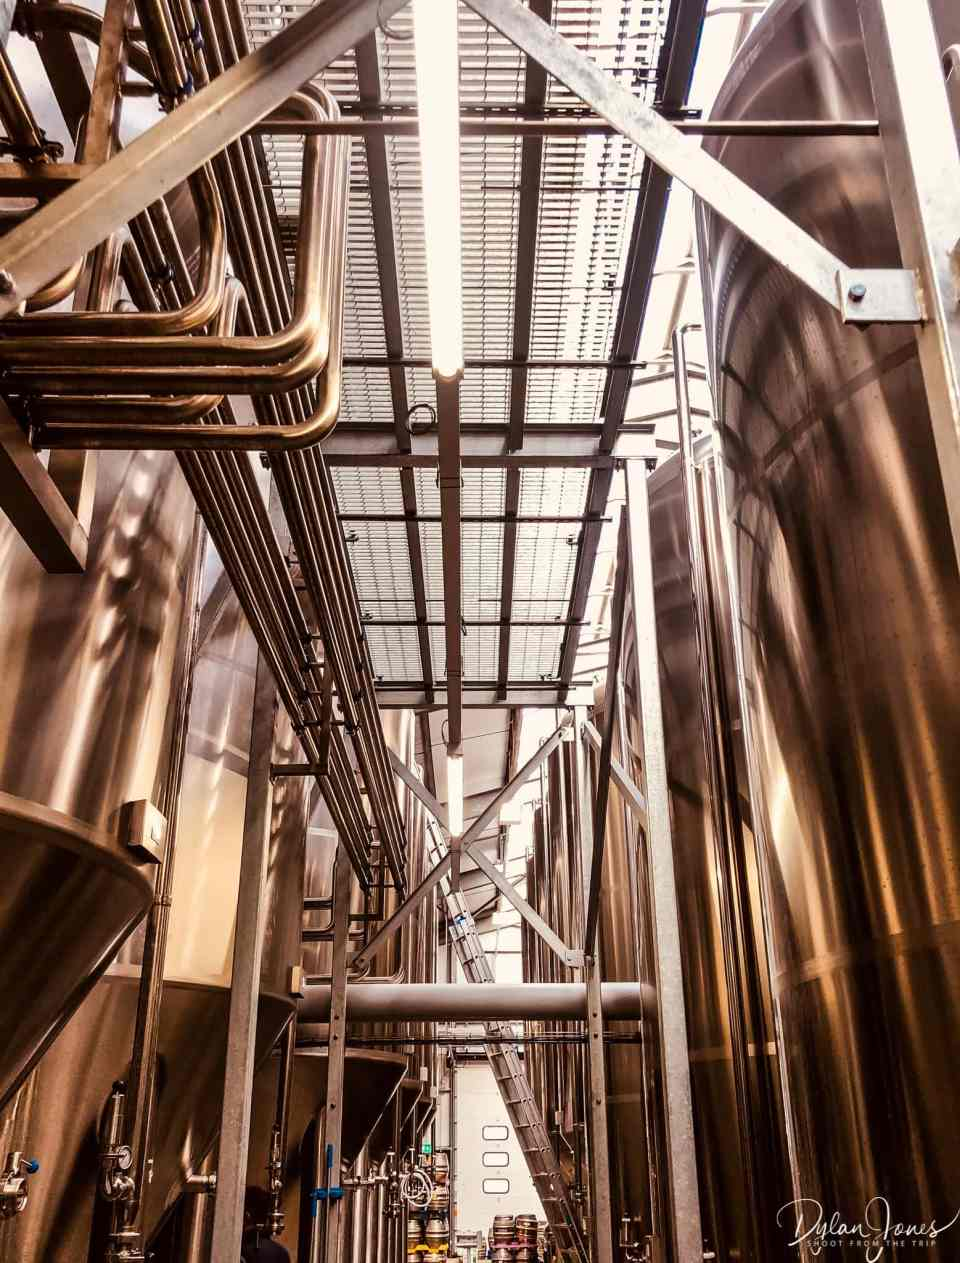 Stainless steel beer storage tanks at West Berkshire Brewery